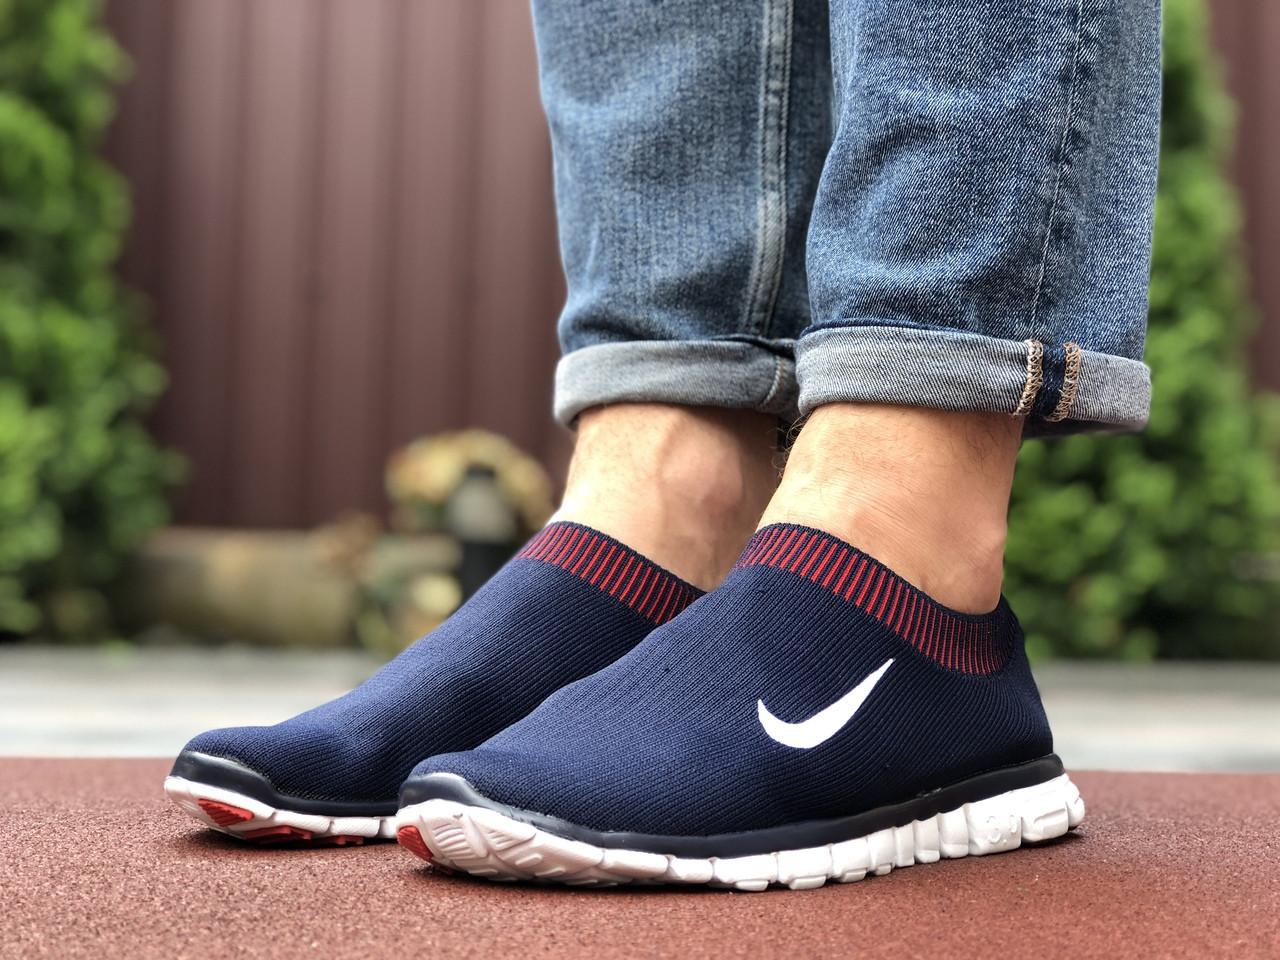 Чоловічі кросівки Nike Free Run 3.0 (темно-сині з білим і червоним) 9601